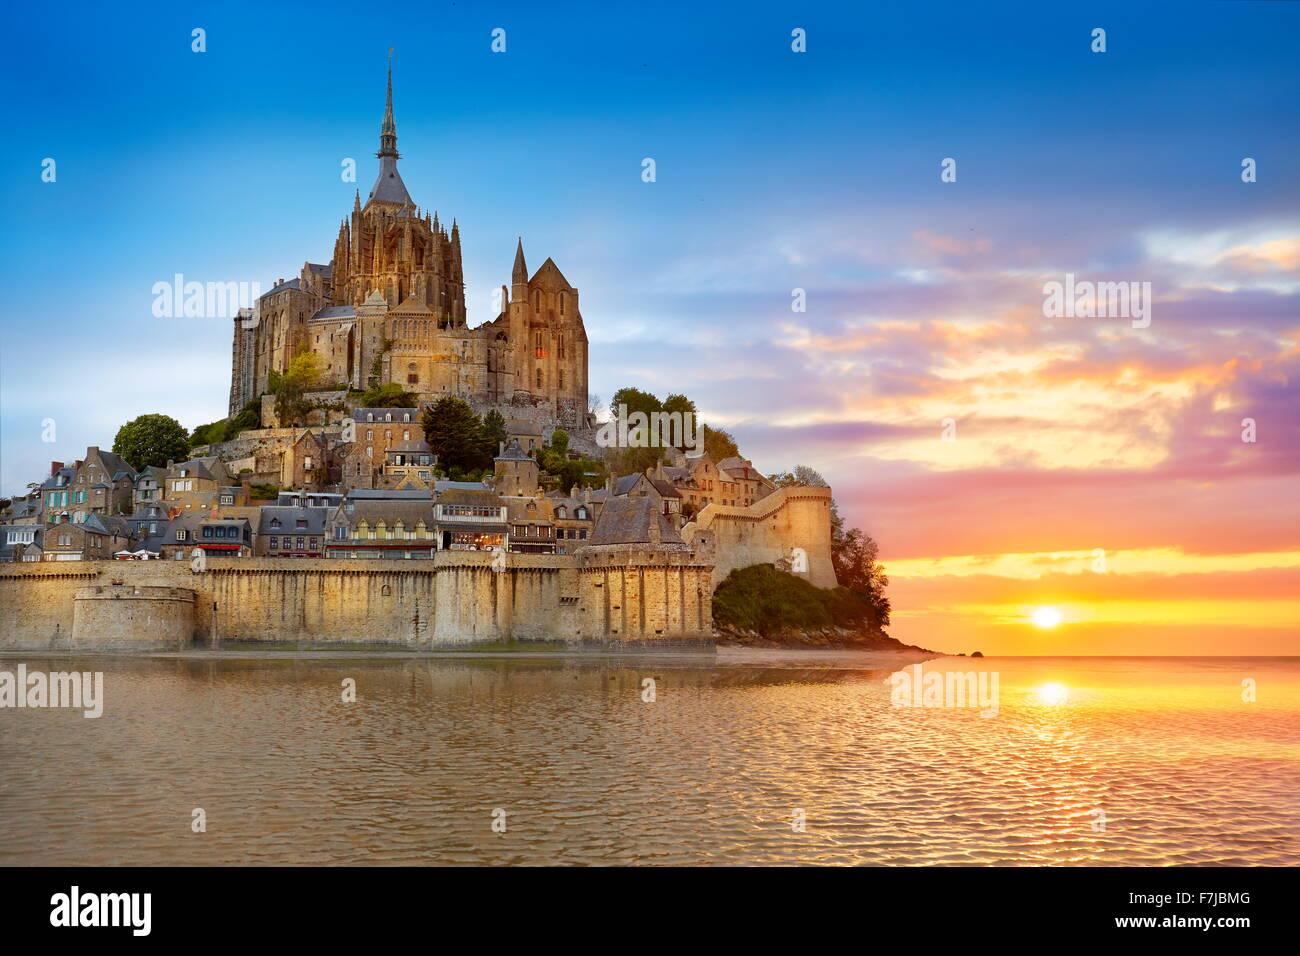 Le Mont Saint Michel au coucher du soleil, Normandie, France Photo Stock